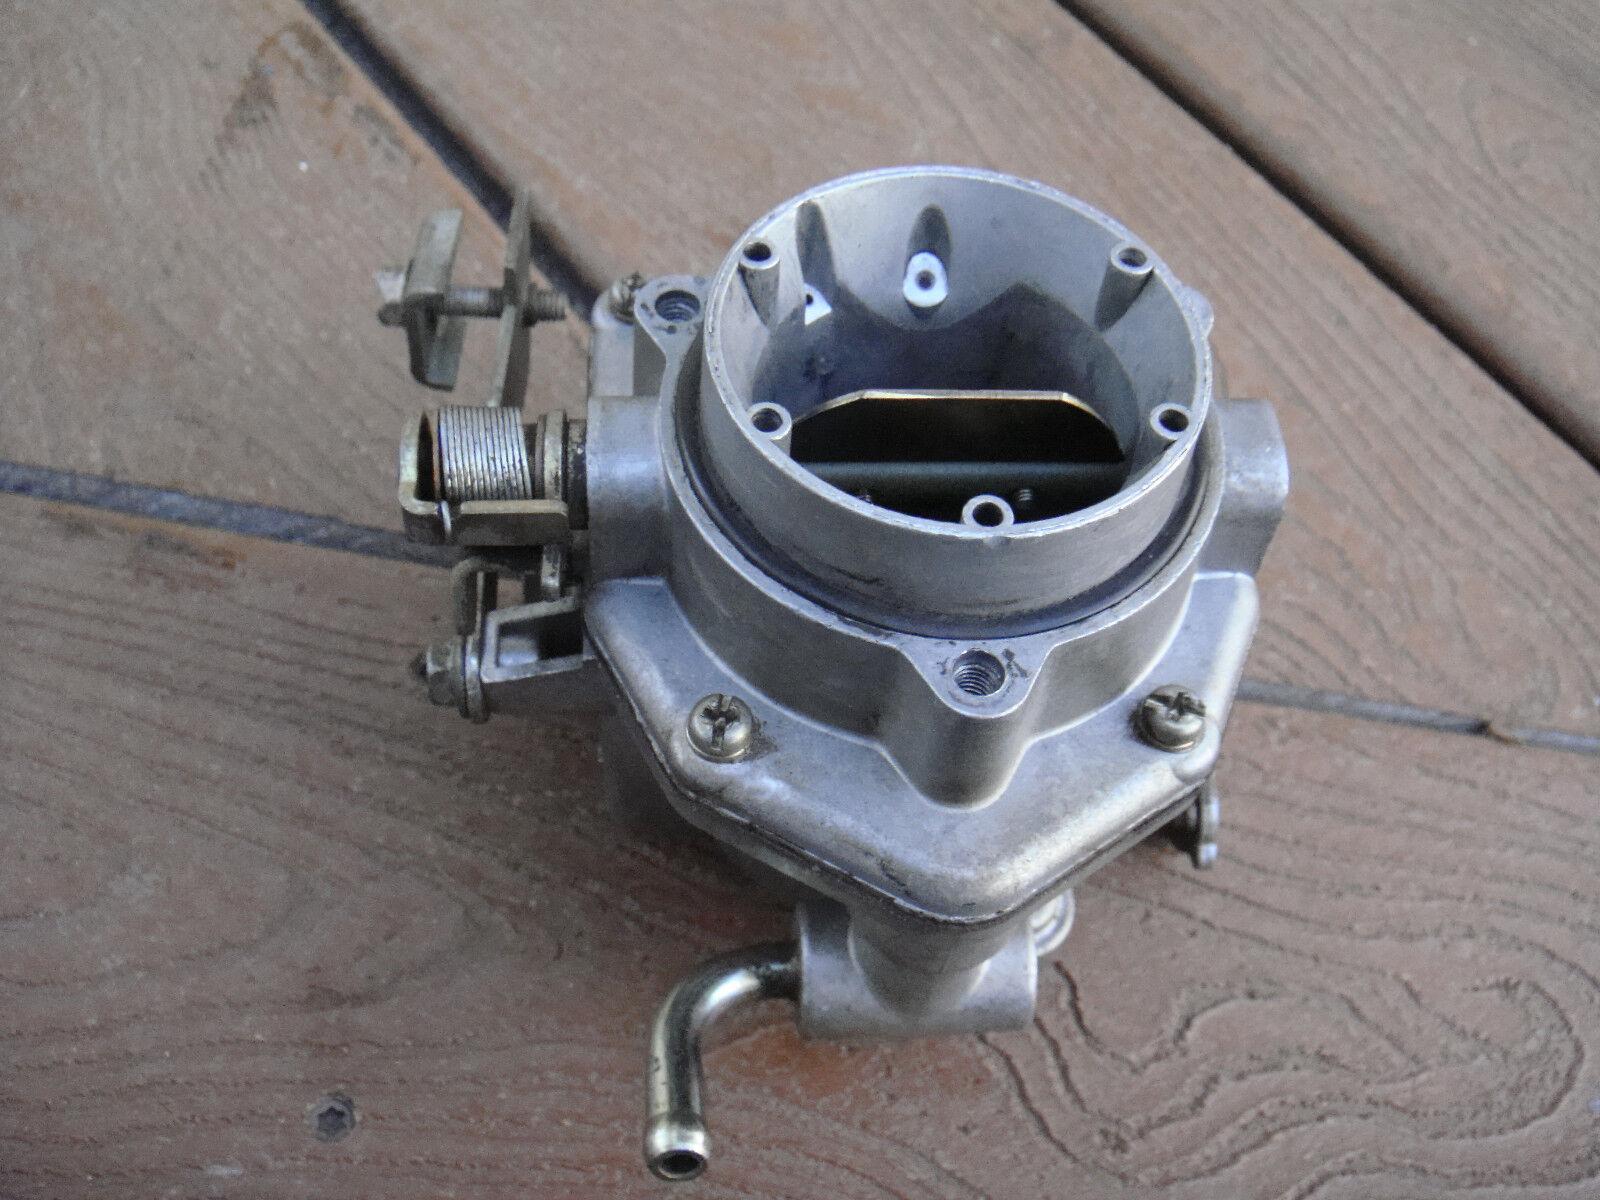 JOHN DEERE 316 (ONAN) 318 420 ONAN P220 ENGINE CARBURETOR - FREE SHIPPING